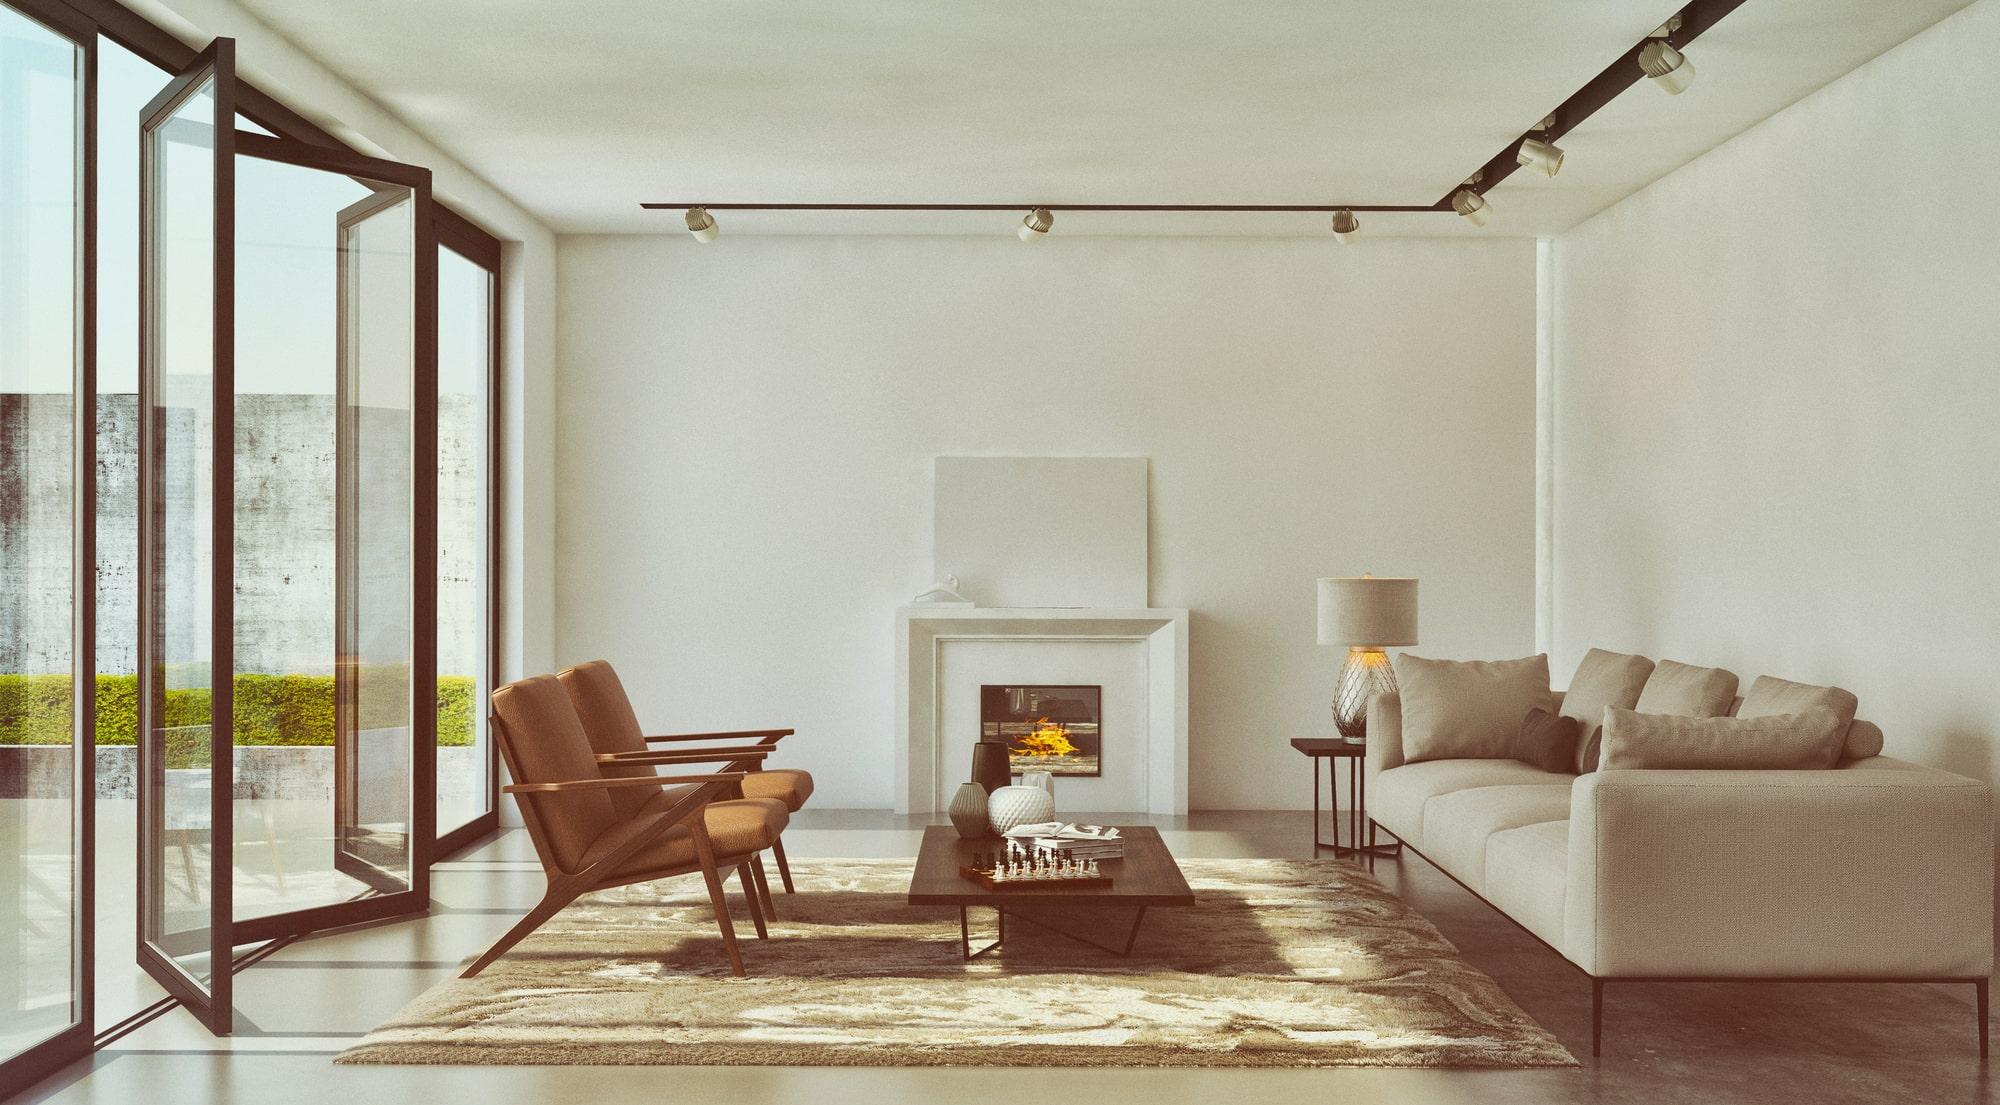 Wohnung kühlen Vorschau